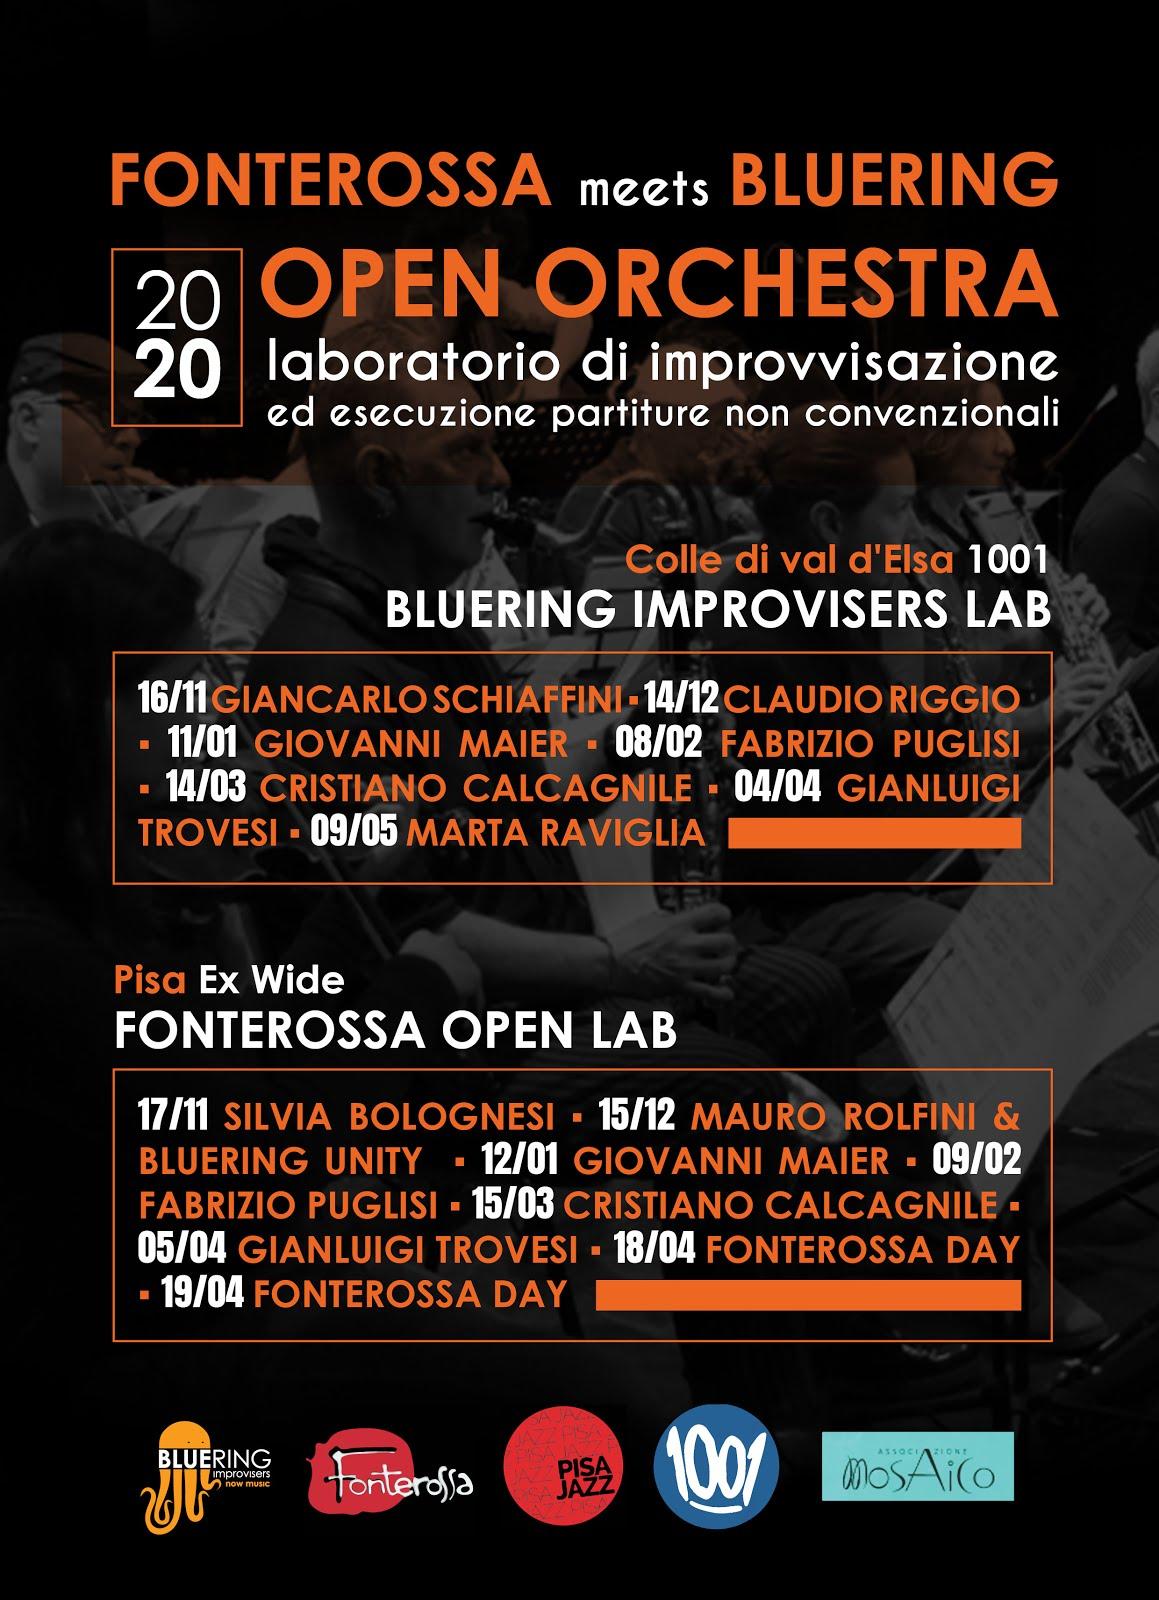 Fonterossa meets Bluering - Laboratori di improvvisazione 2019/20